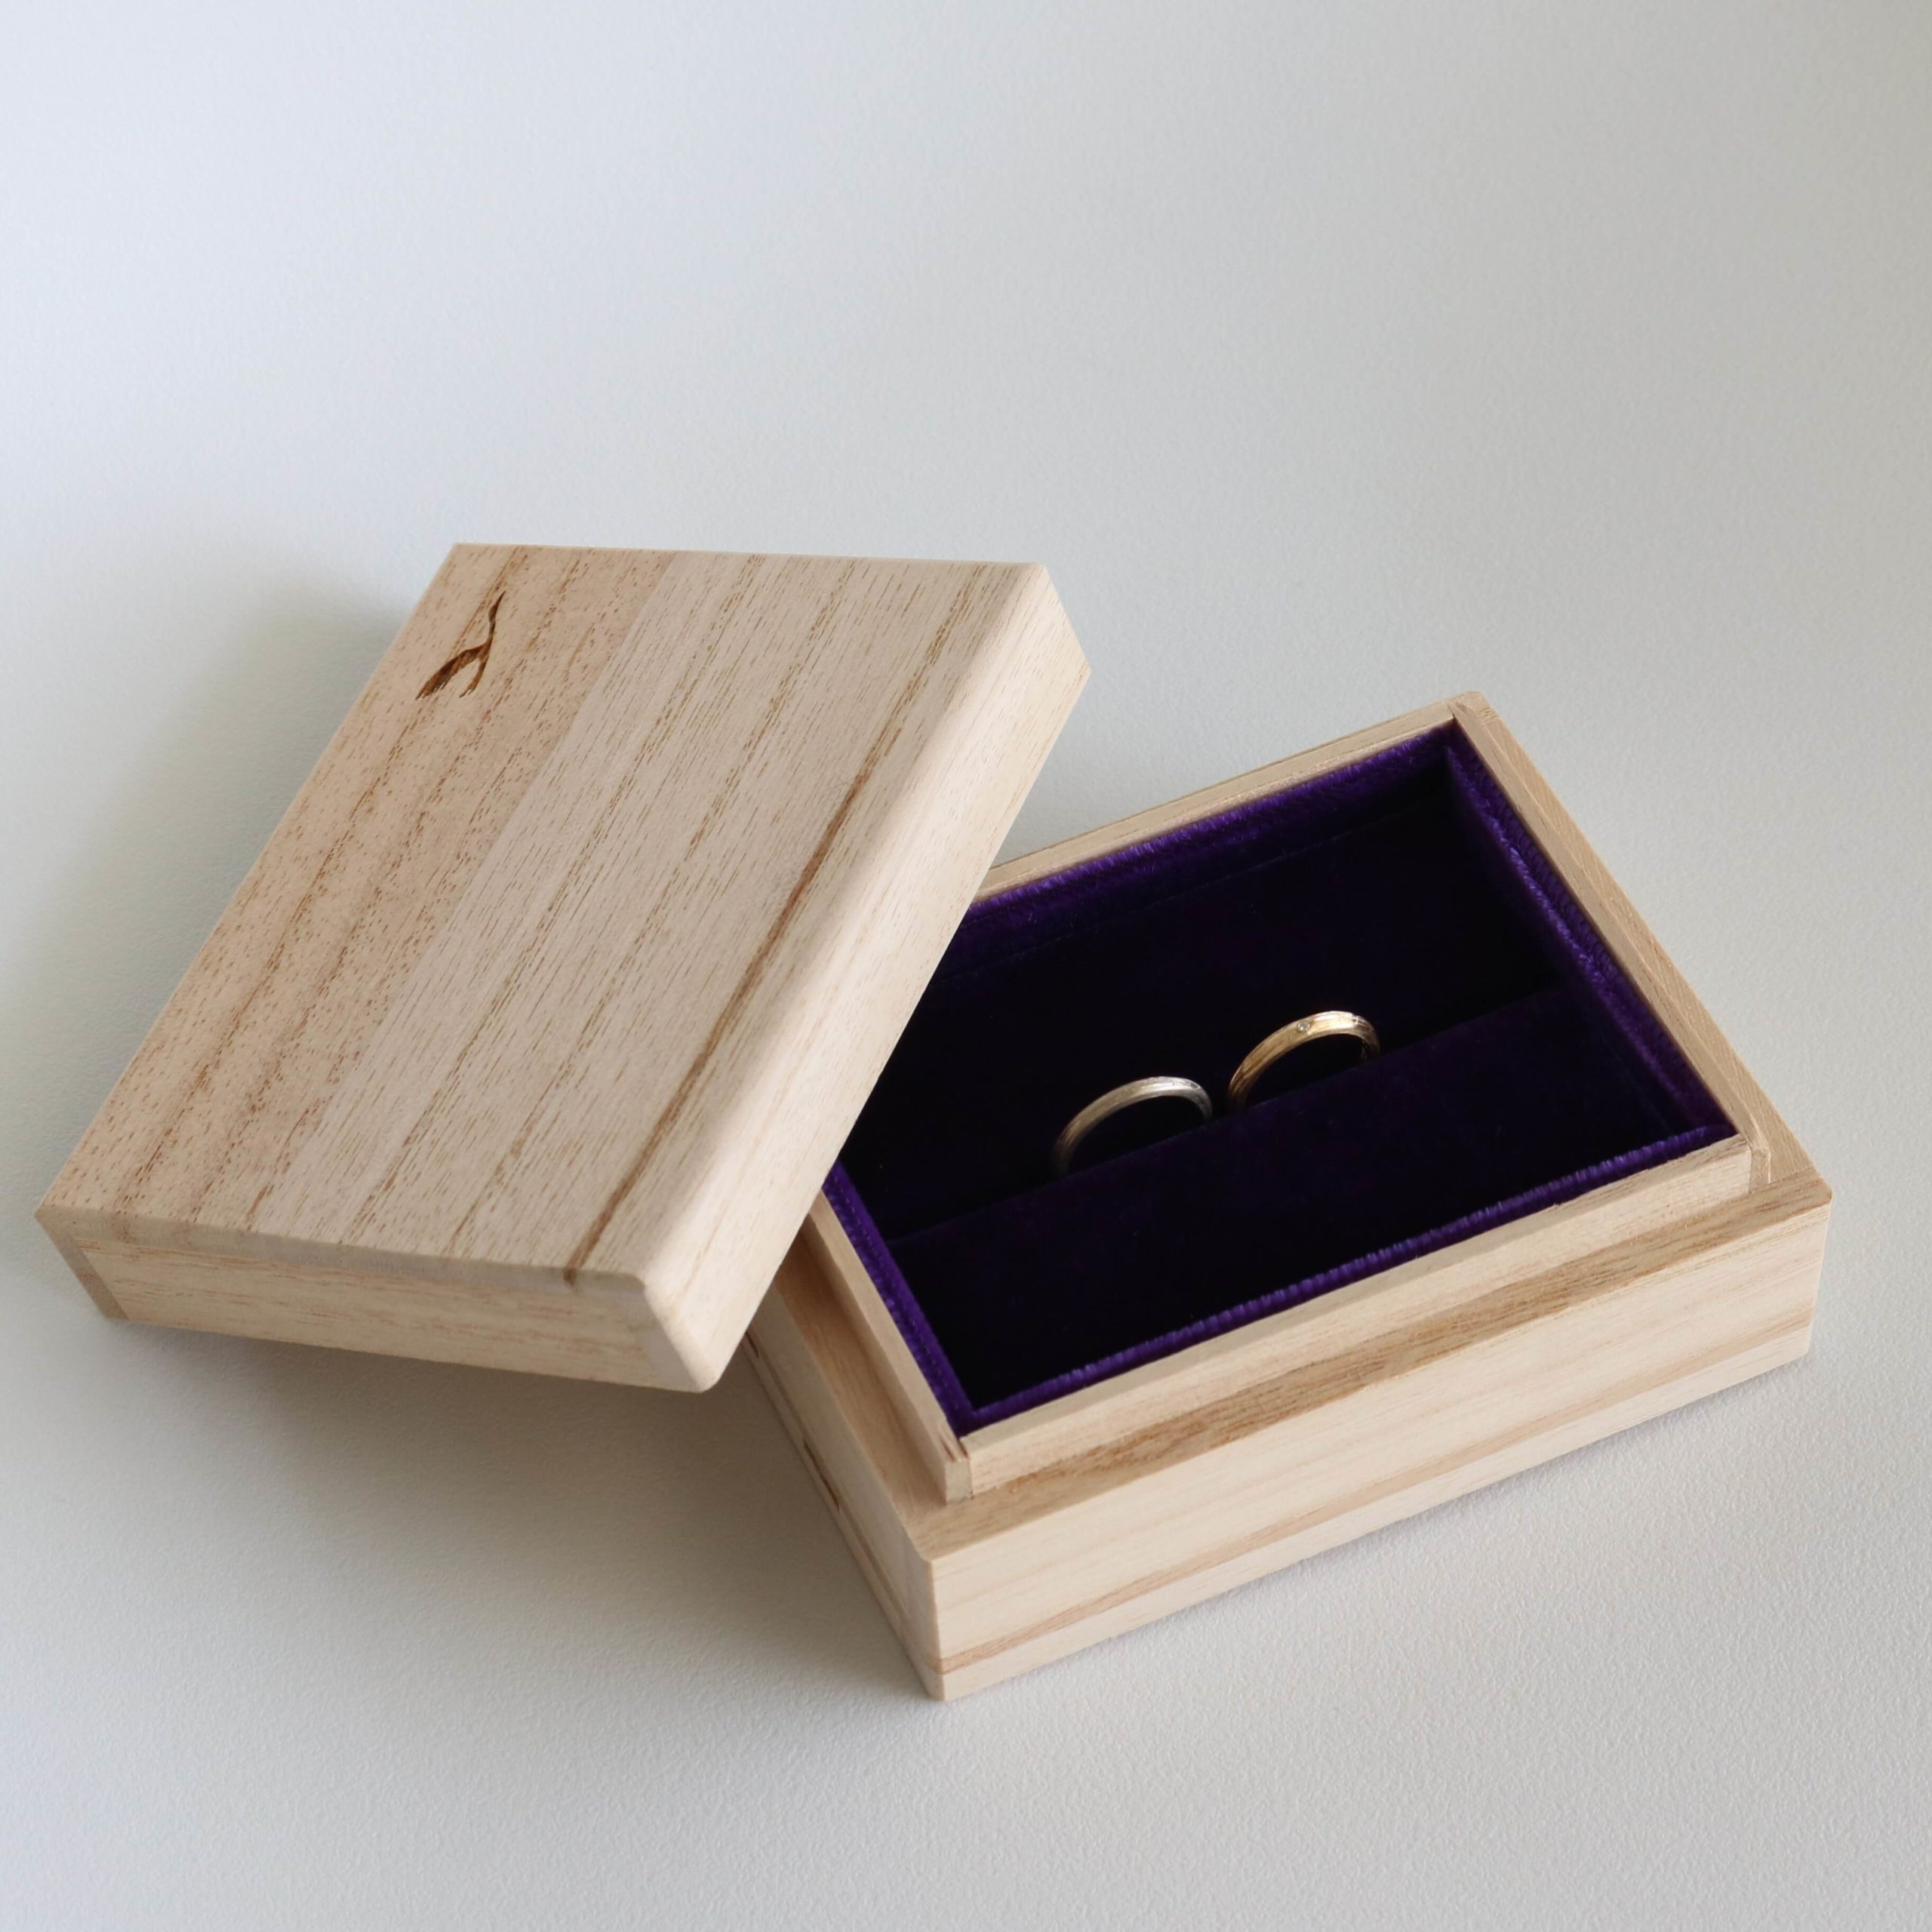 和(和風)を取り入れた結婚指輪|デザインの魅力と想いについて